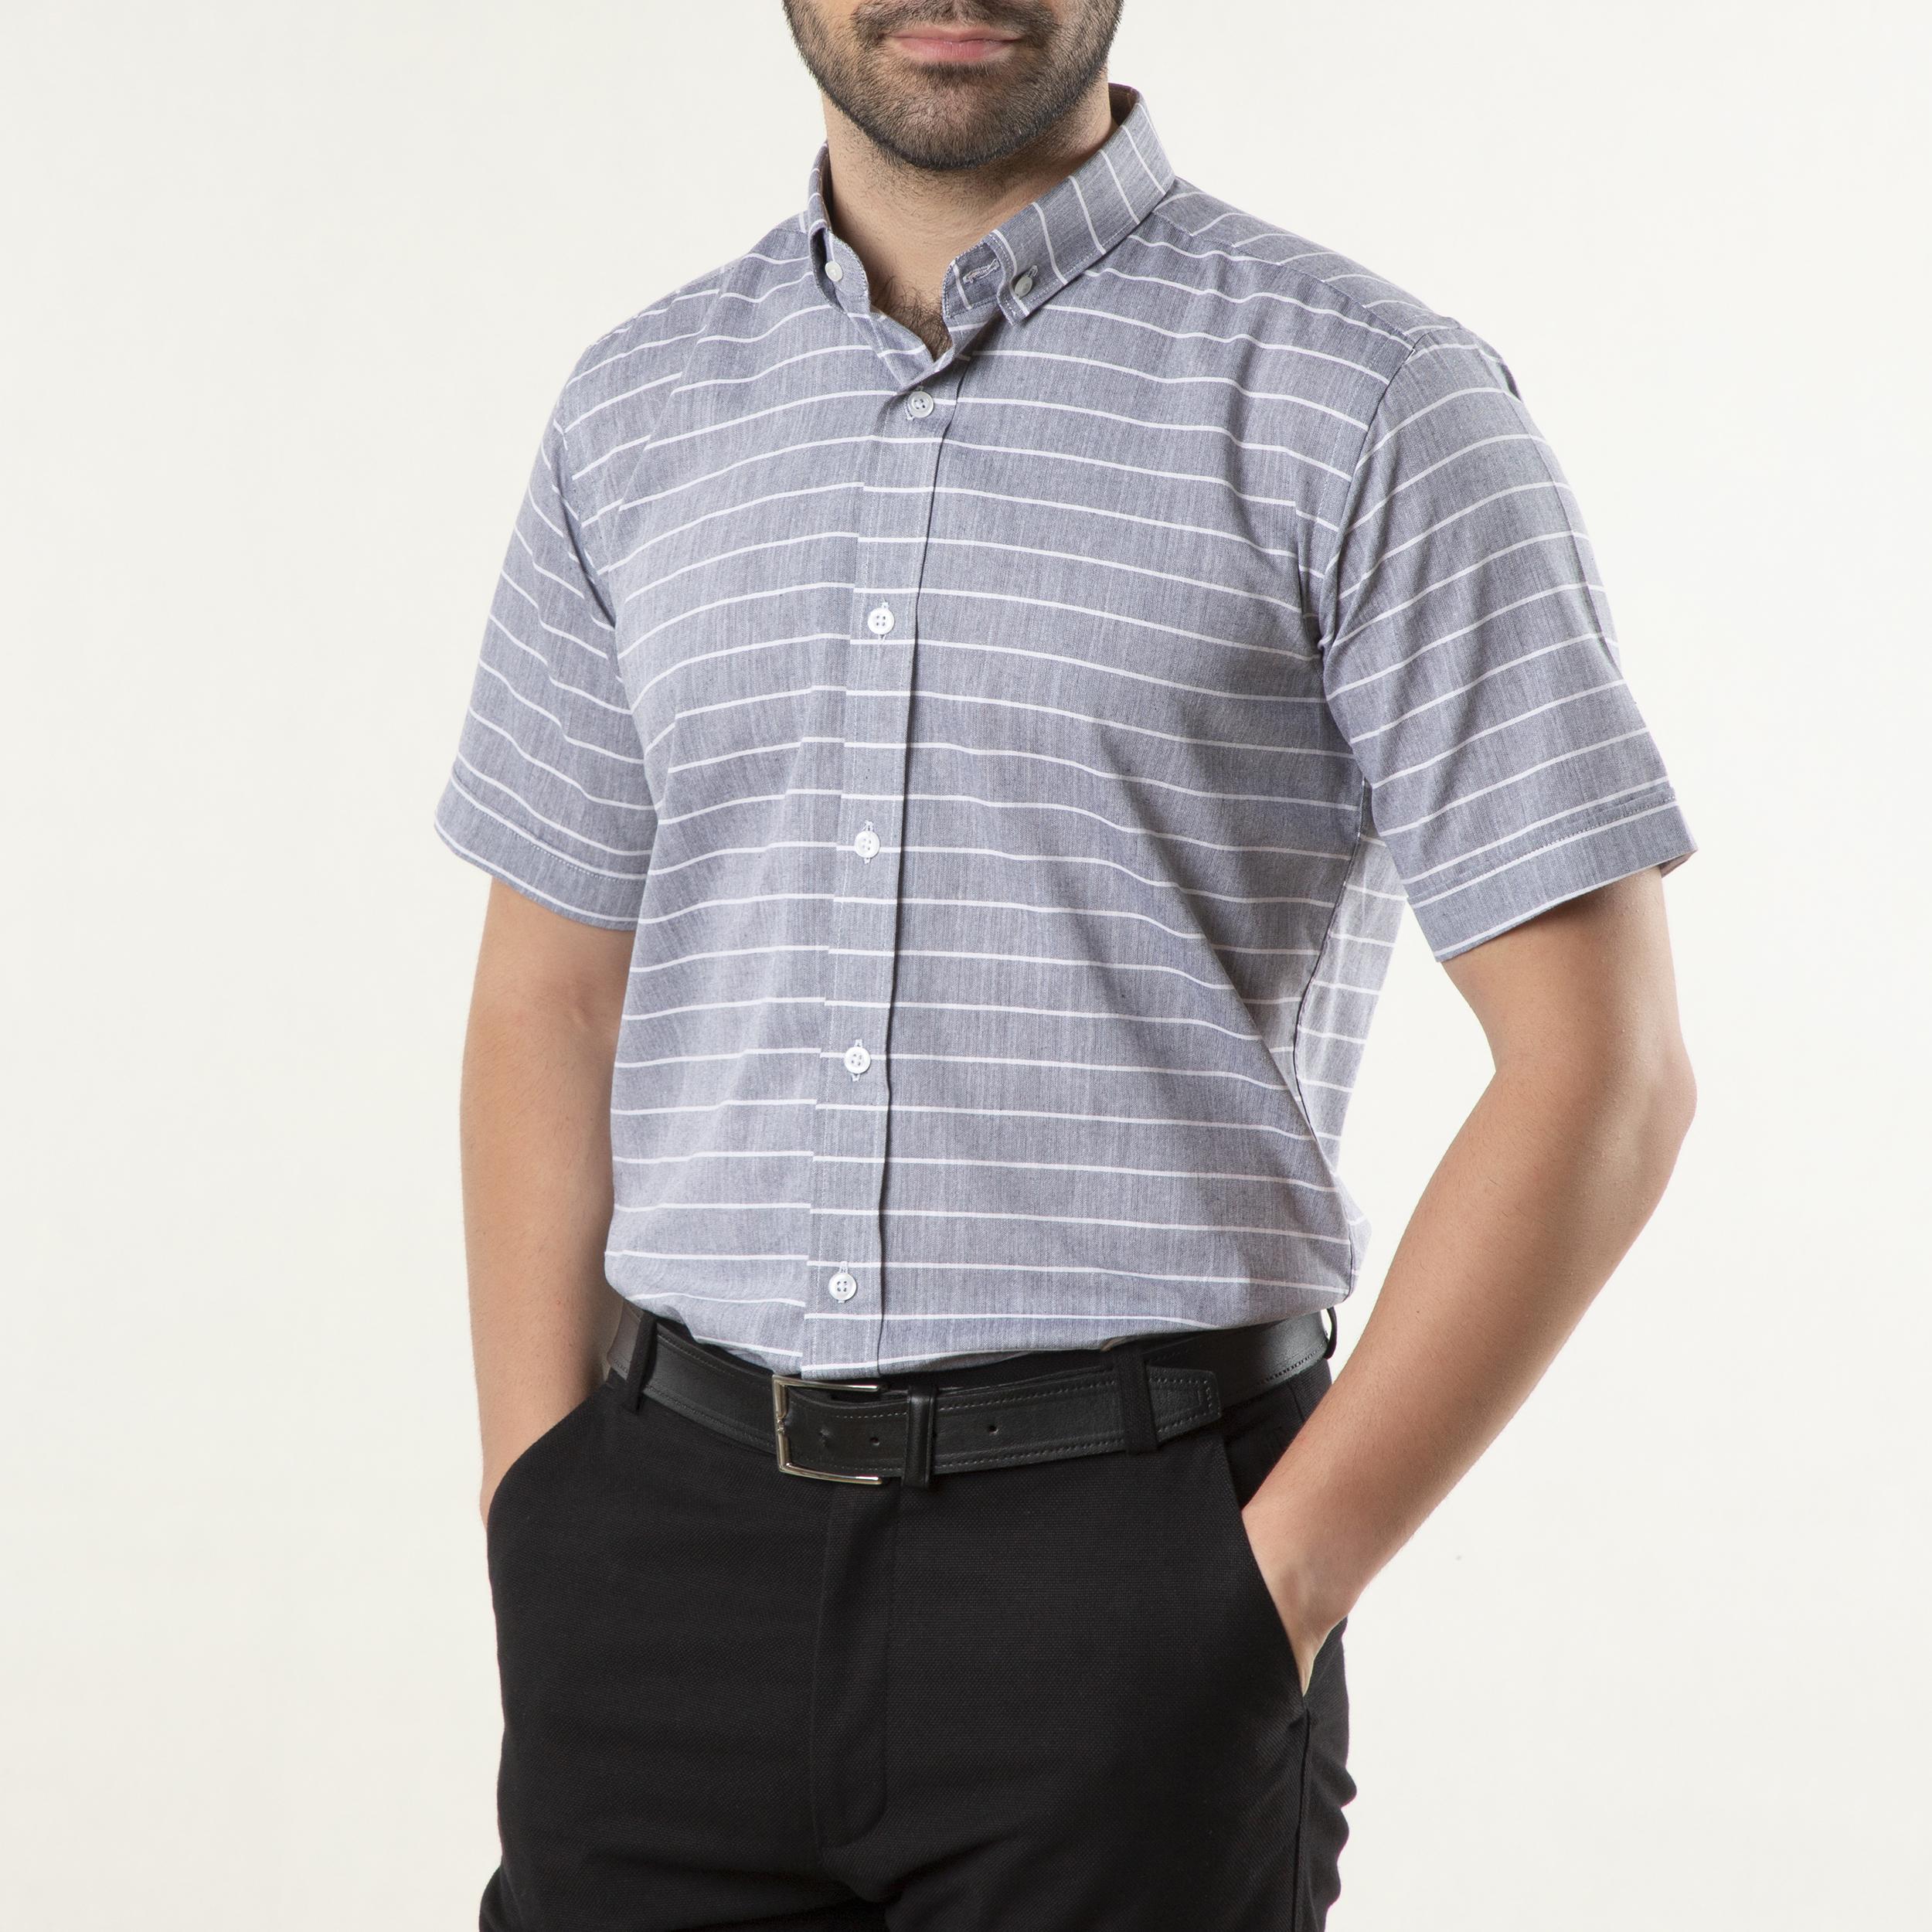 پیراهن مردانه زی مدل 15314920199